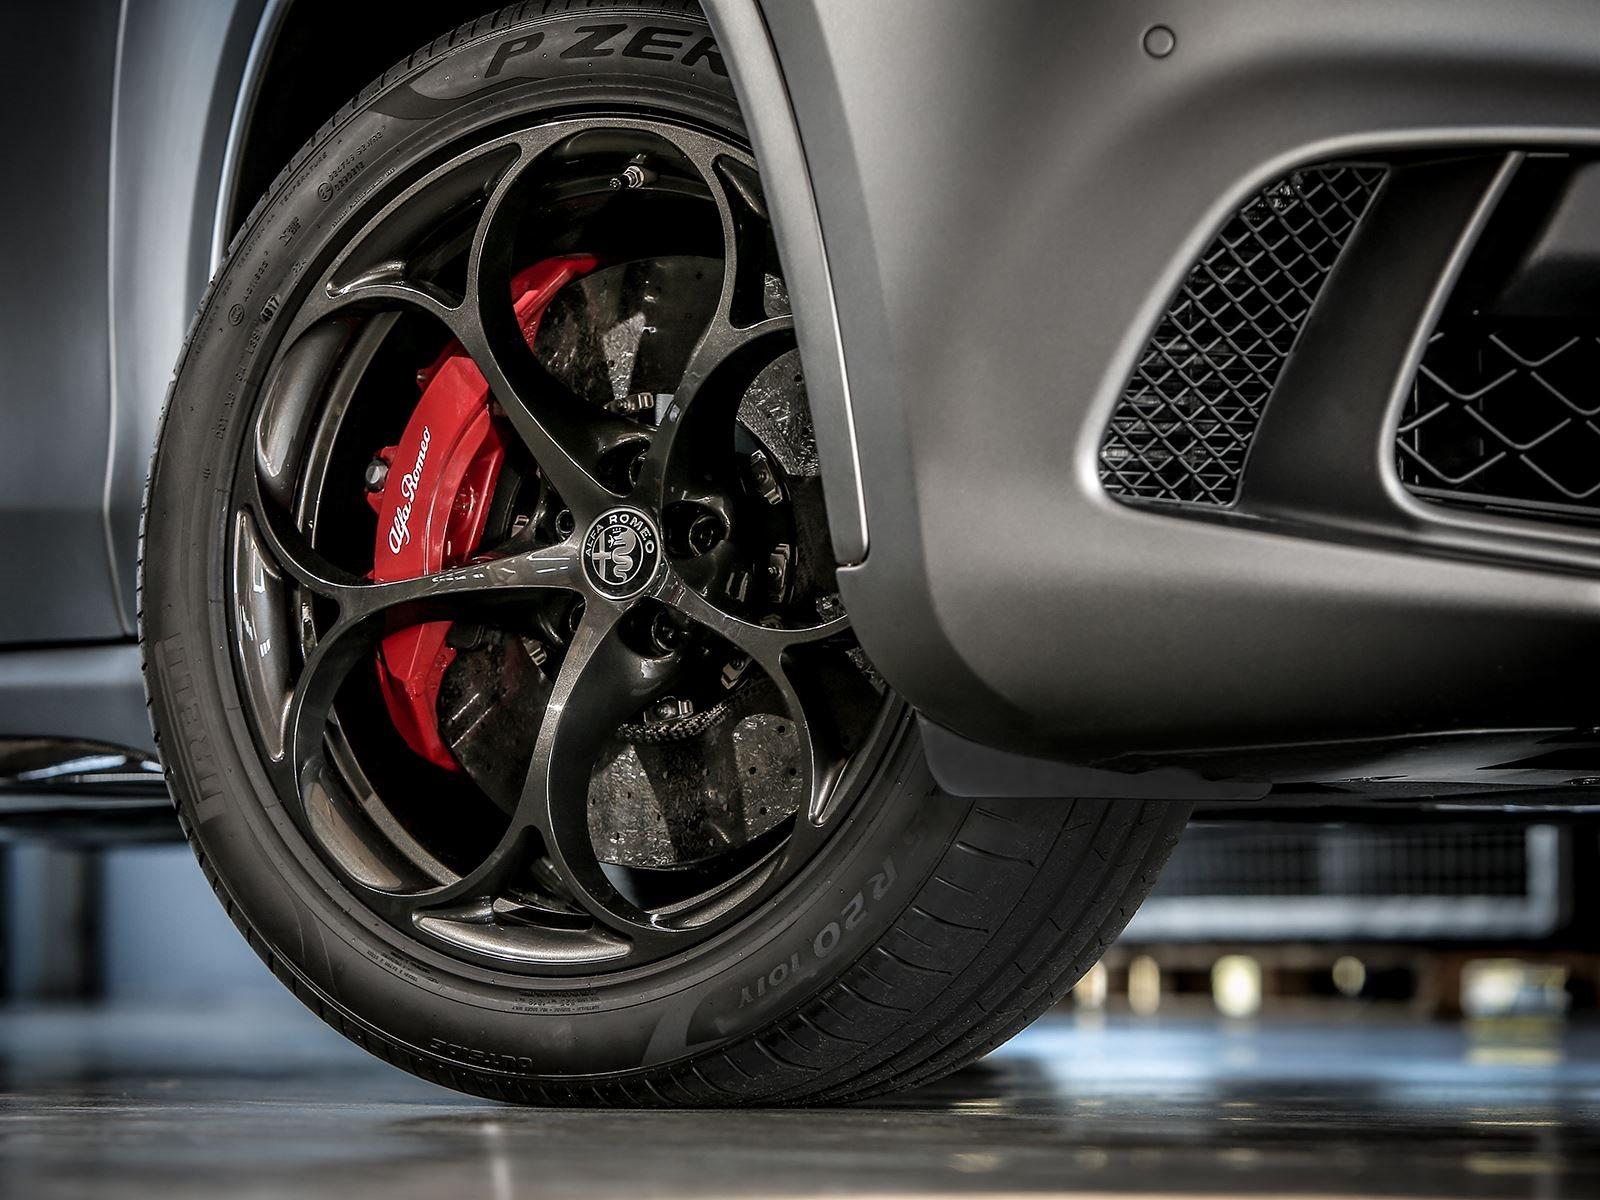 В последние несколько лет Alfa Romeo побил два рекорда на Nurburgring. Giulia Quadrifoglio установила время в 7 минут и 32 секунды в «Зеленом аду», а Stelvio Quadrifoglio по-прежнему является самым быстрым внедорожником, который когда-либо проходил з